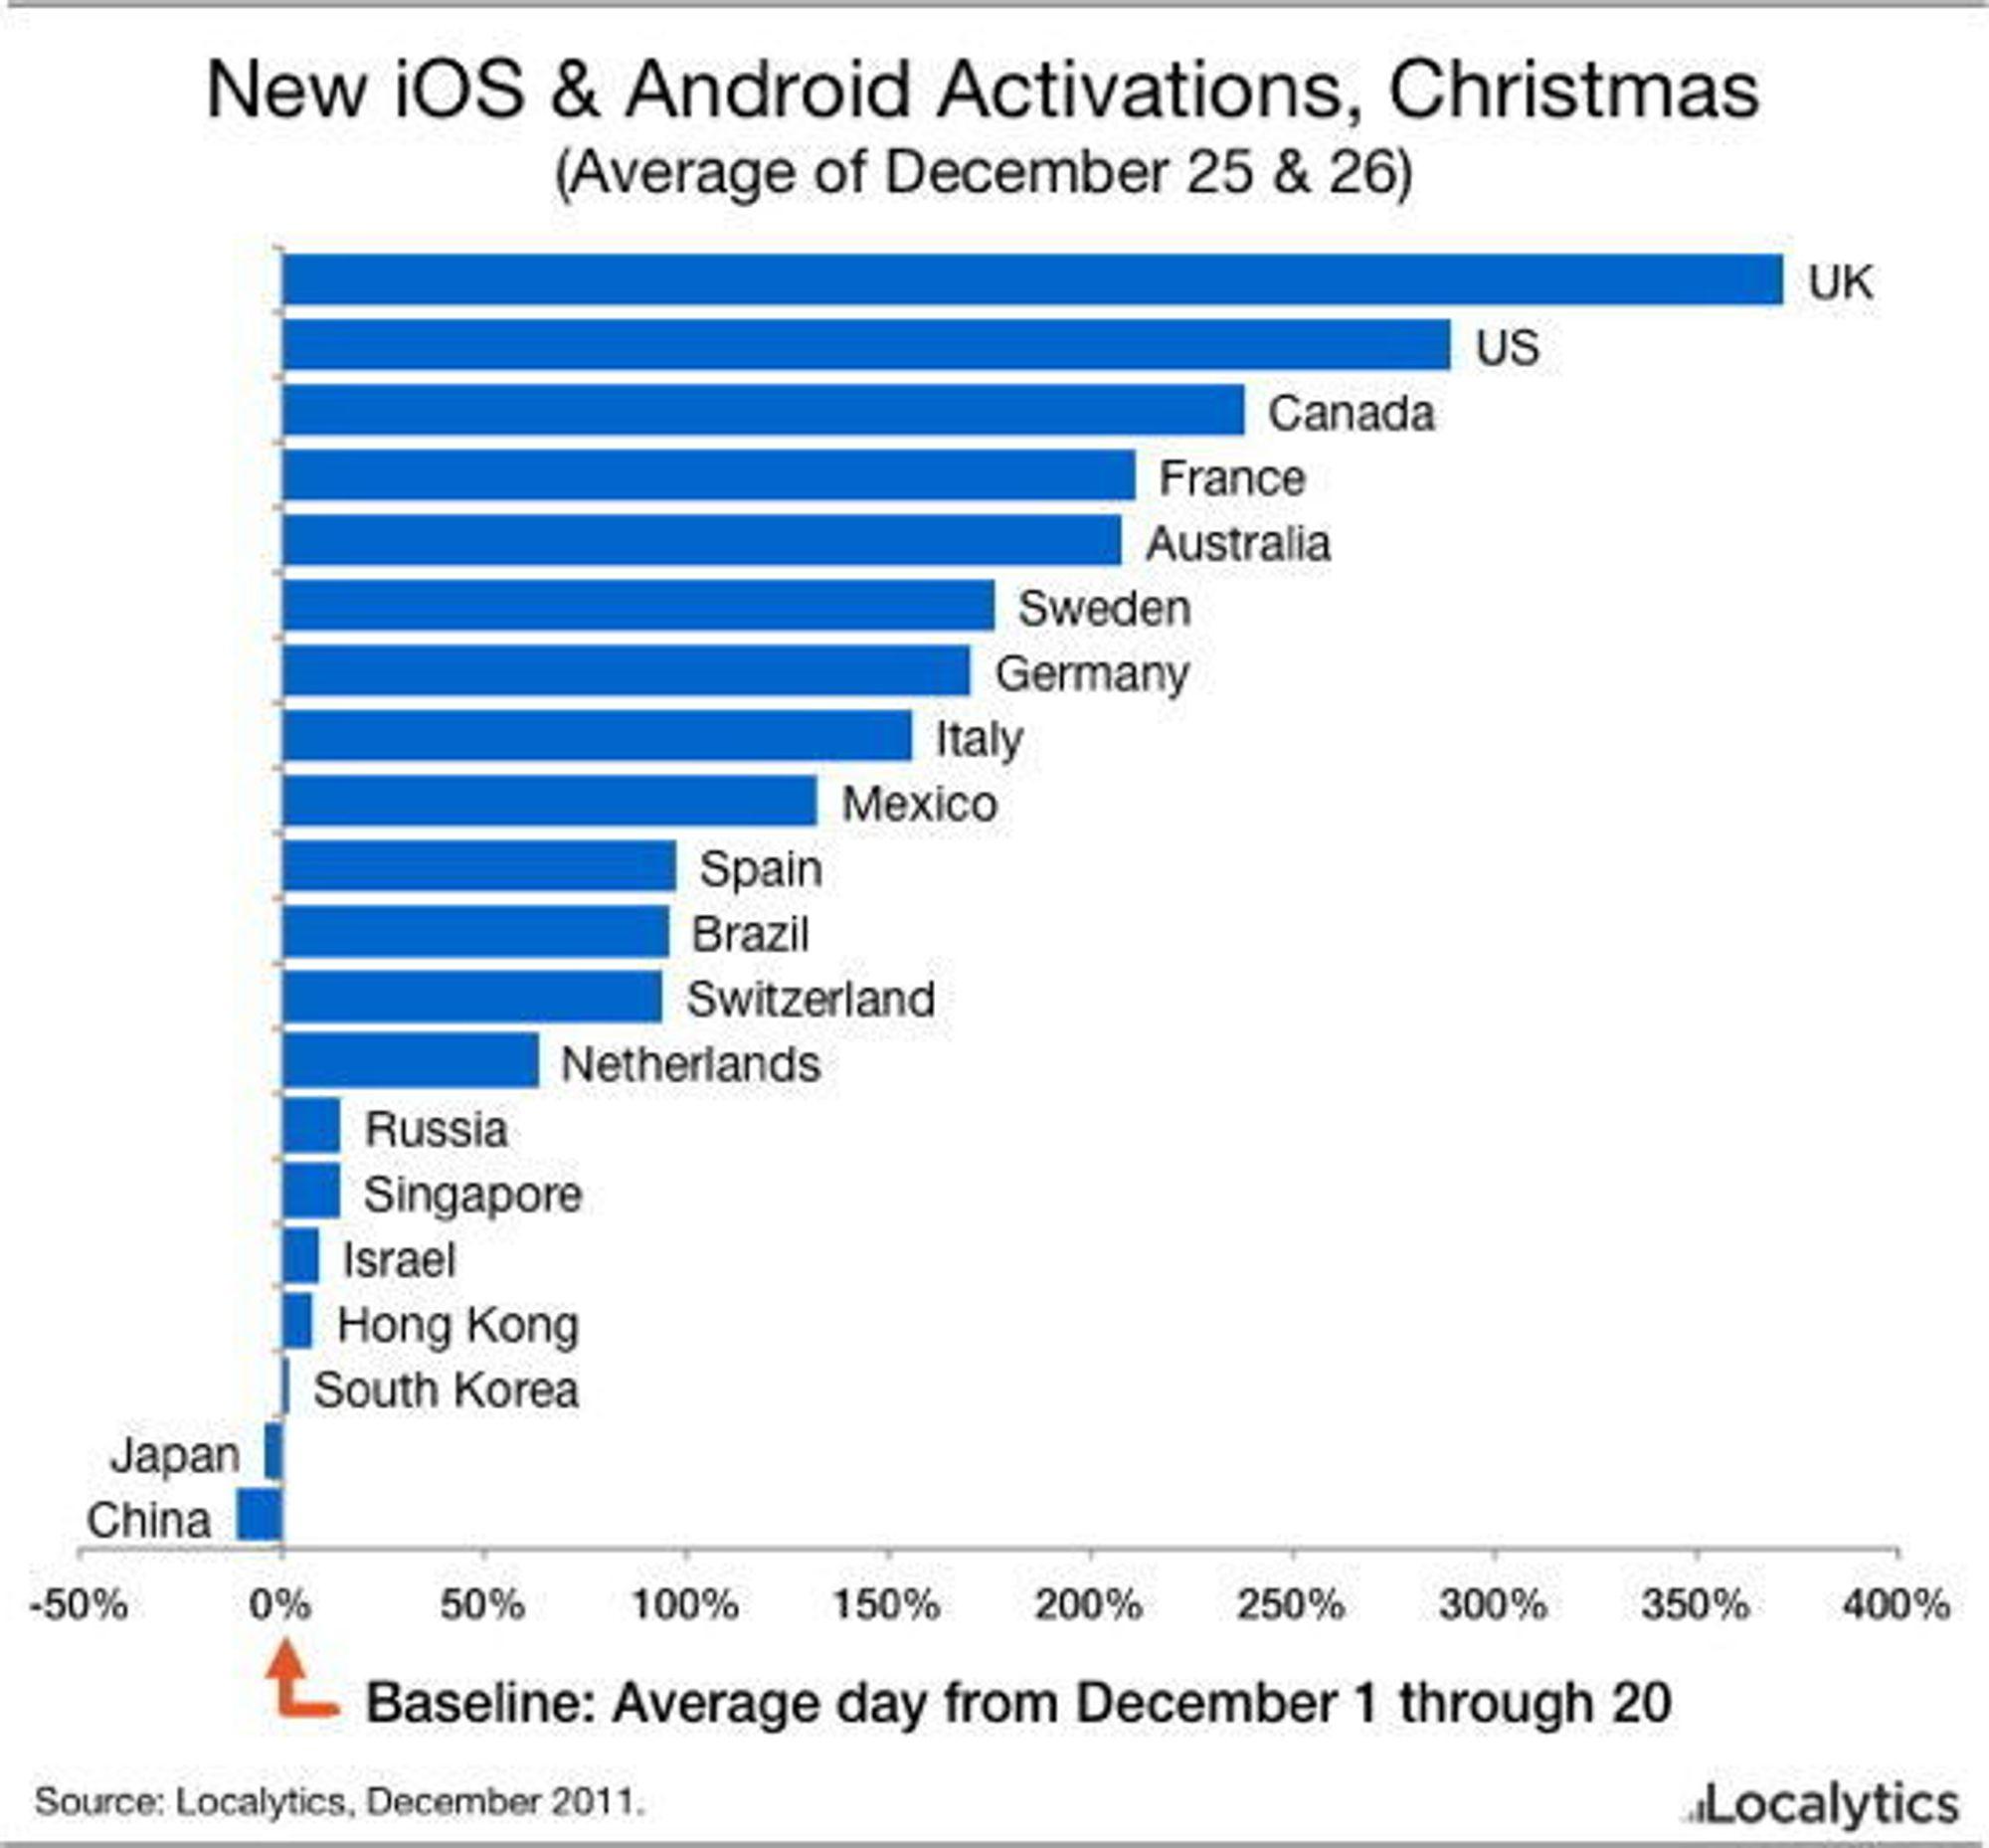 Vekst i aktiveringene av iOS og Android på første og andre juledag 2011, sammenlignet med gjennomsnittet i de tre første ukene av desember.